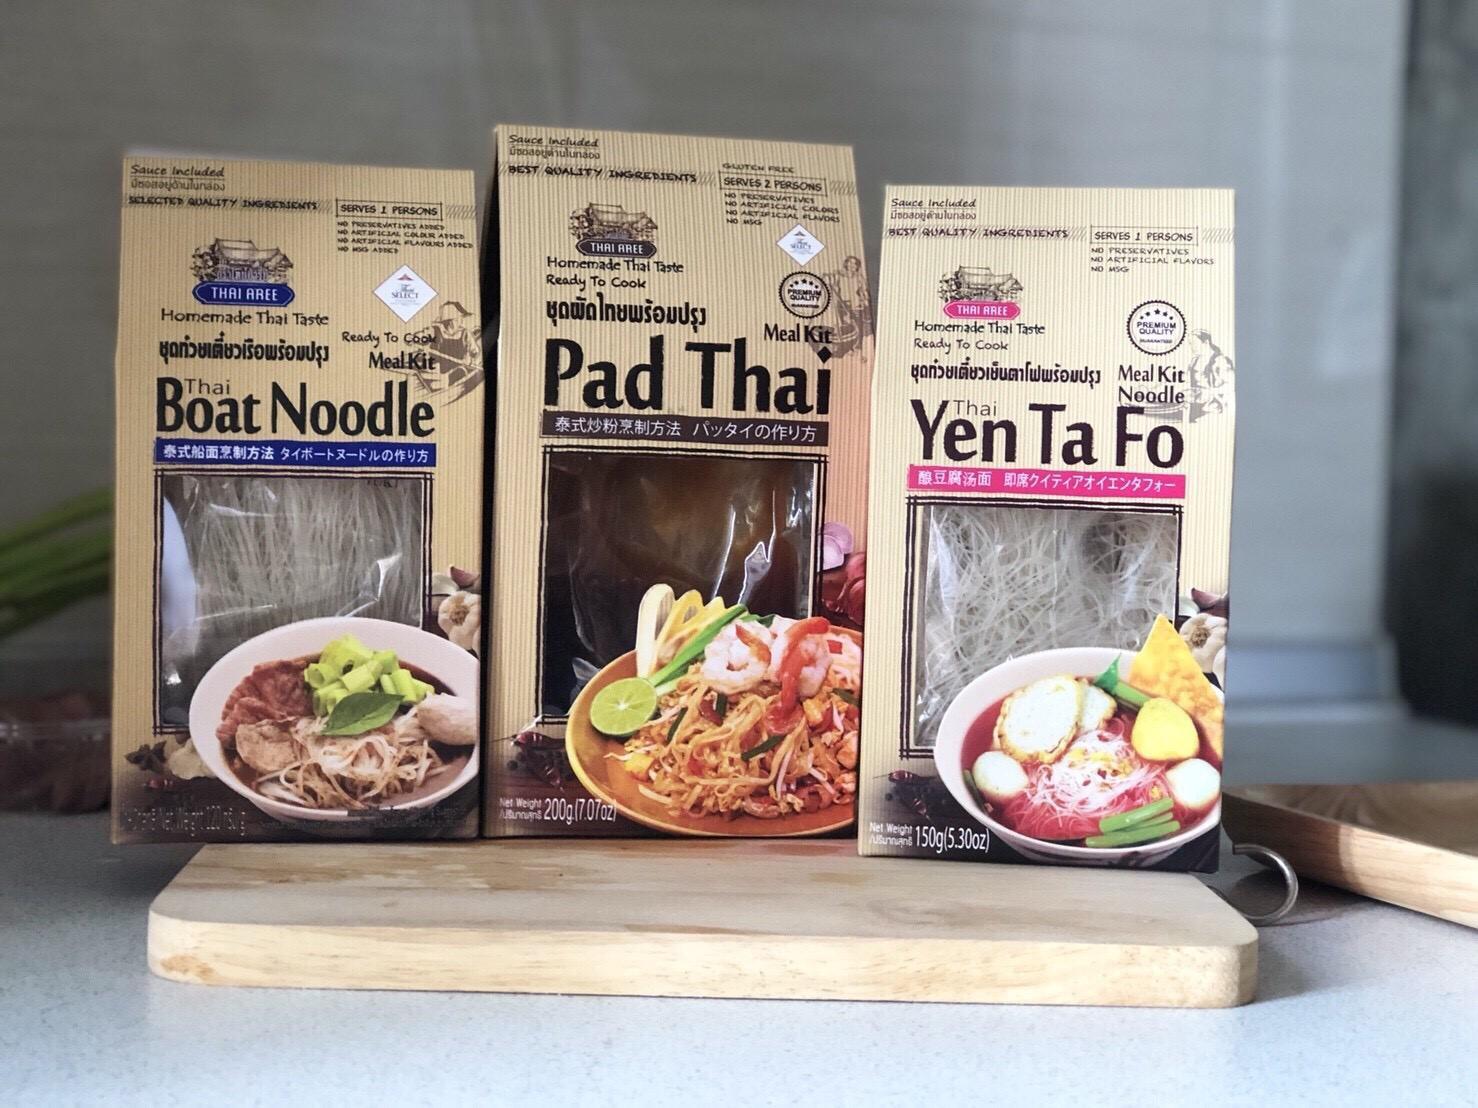 【我是达人】泰国菜食谱大全,像泰国大厨师做得一摸一样!味道特棒~